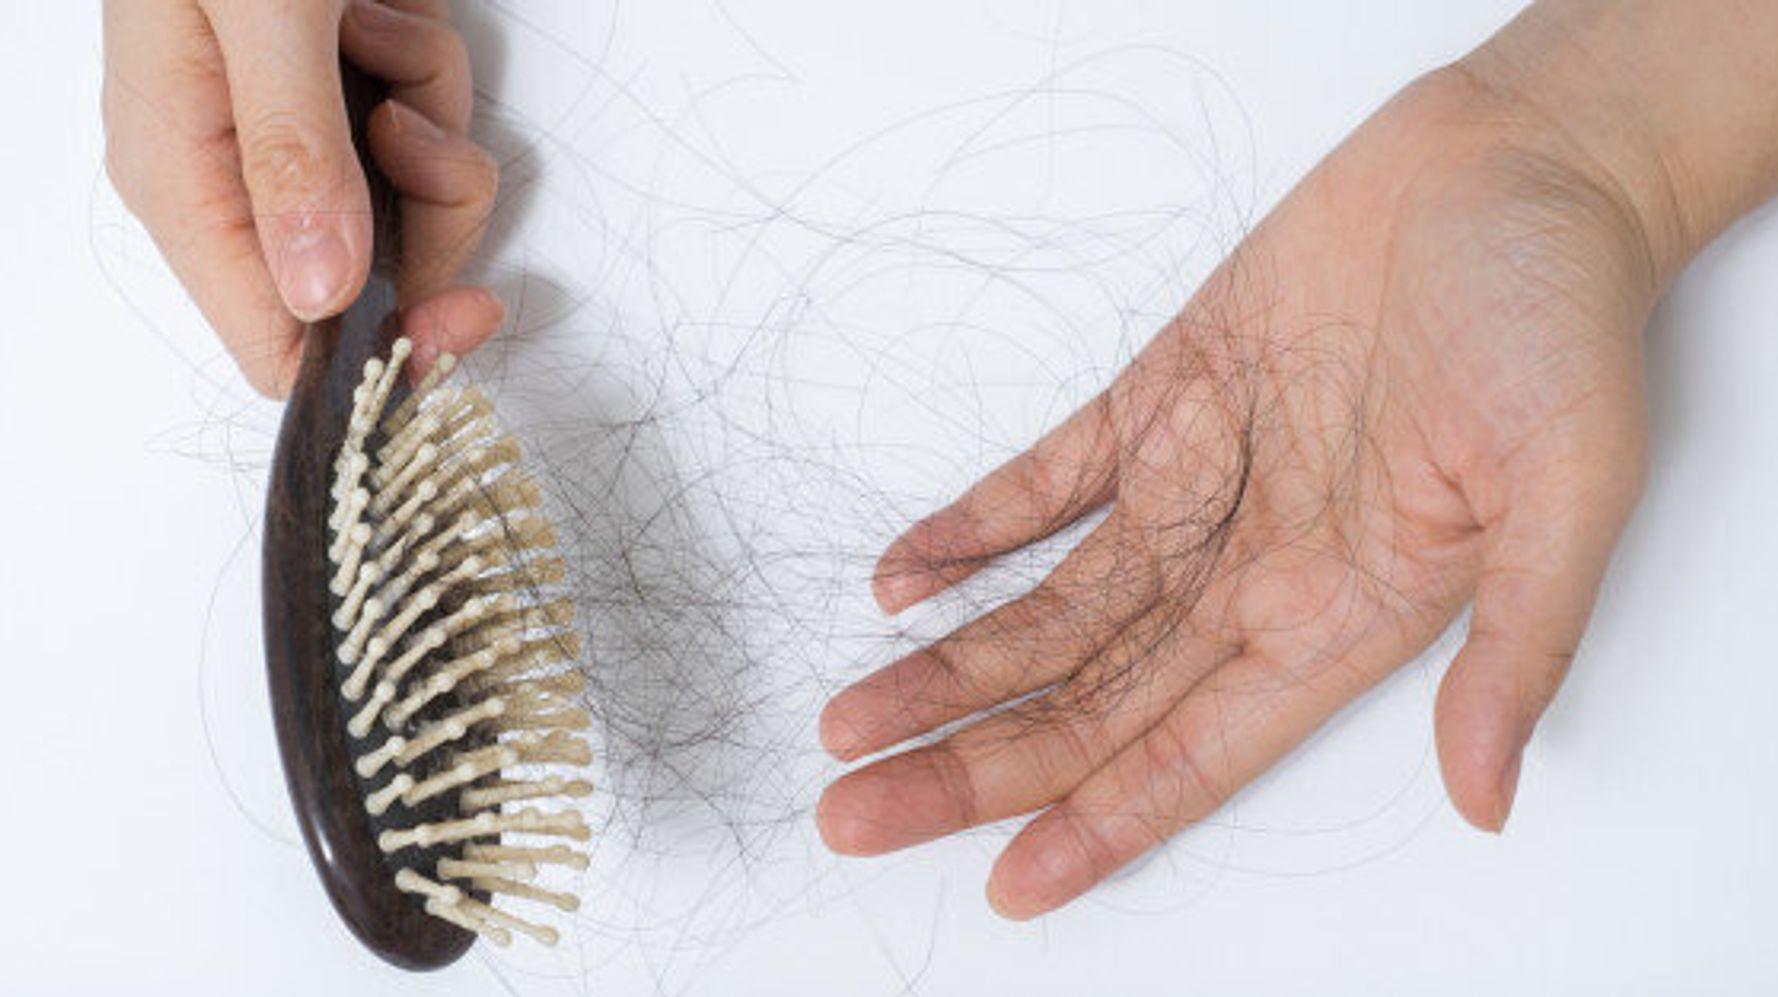 همه روش های جلوگیری از ریزش مو که خانم ها و آقایان باید بدانند!